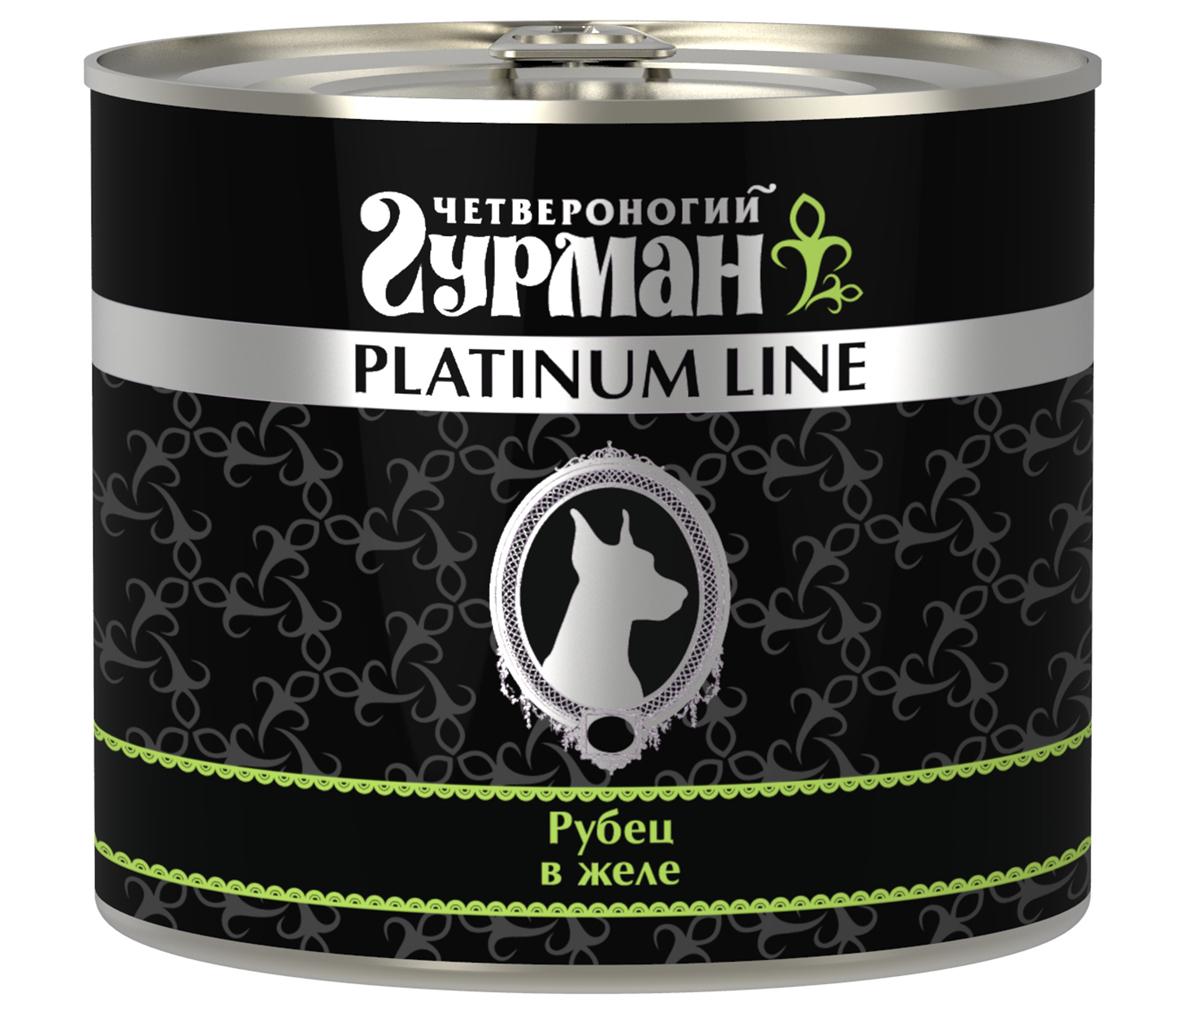 Консервы для собак Четвероногий гурман Platinum Line, рубец говяжий в желе, 500 г четвероногий гурман платинум рубец говяжий в желе для собак оптом